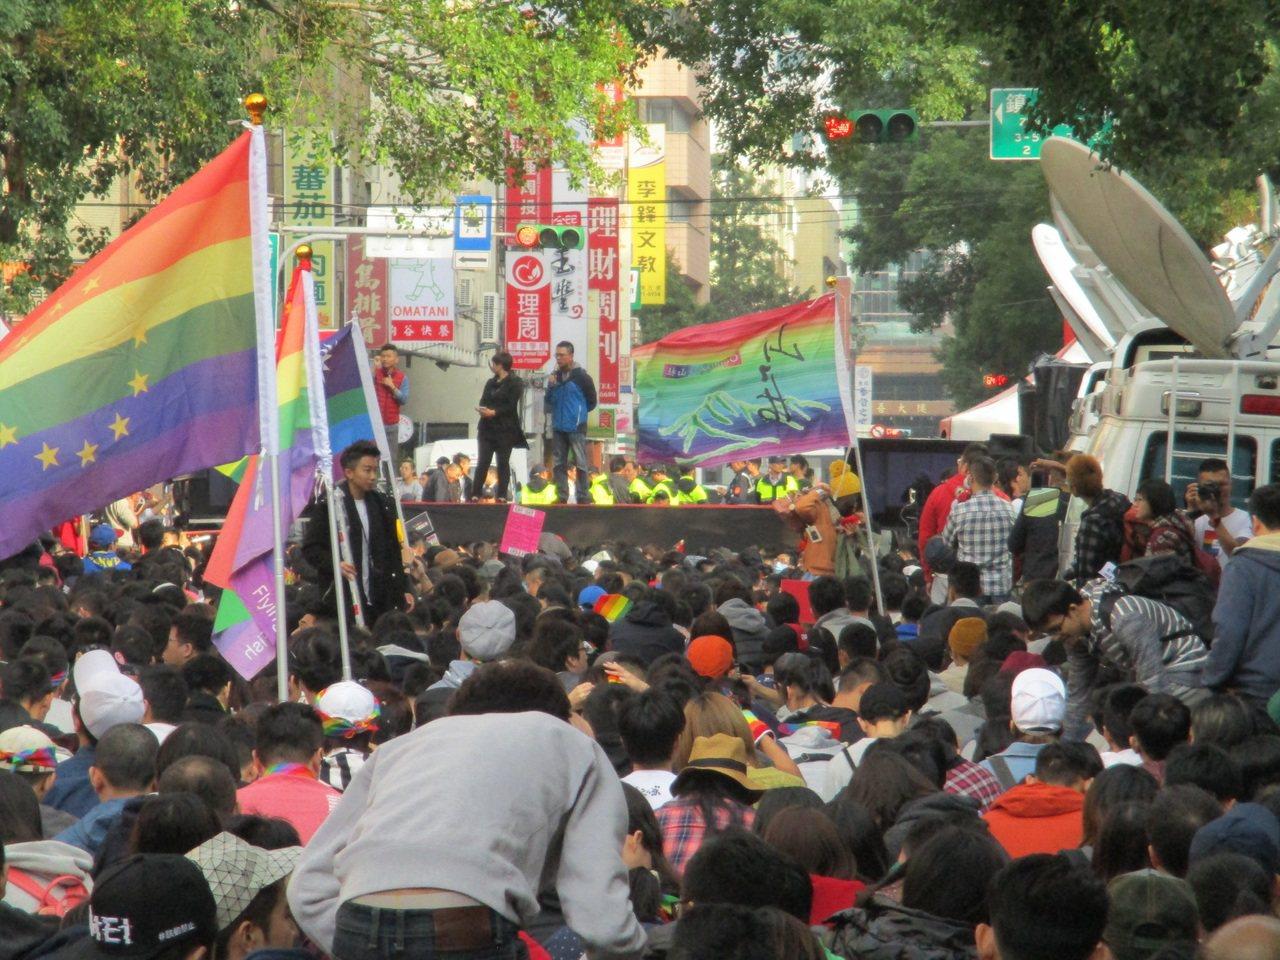 挺同群眾在立法院外聚集聽公聽會直播,估計吸引2萬民眾。記者陳宛茜/攝影